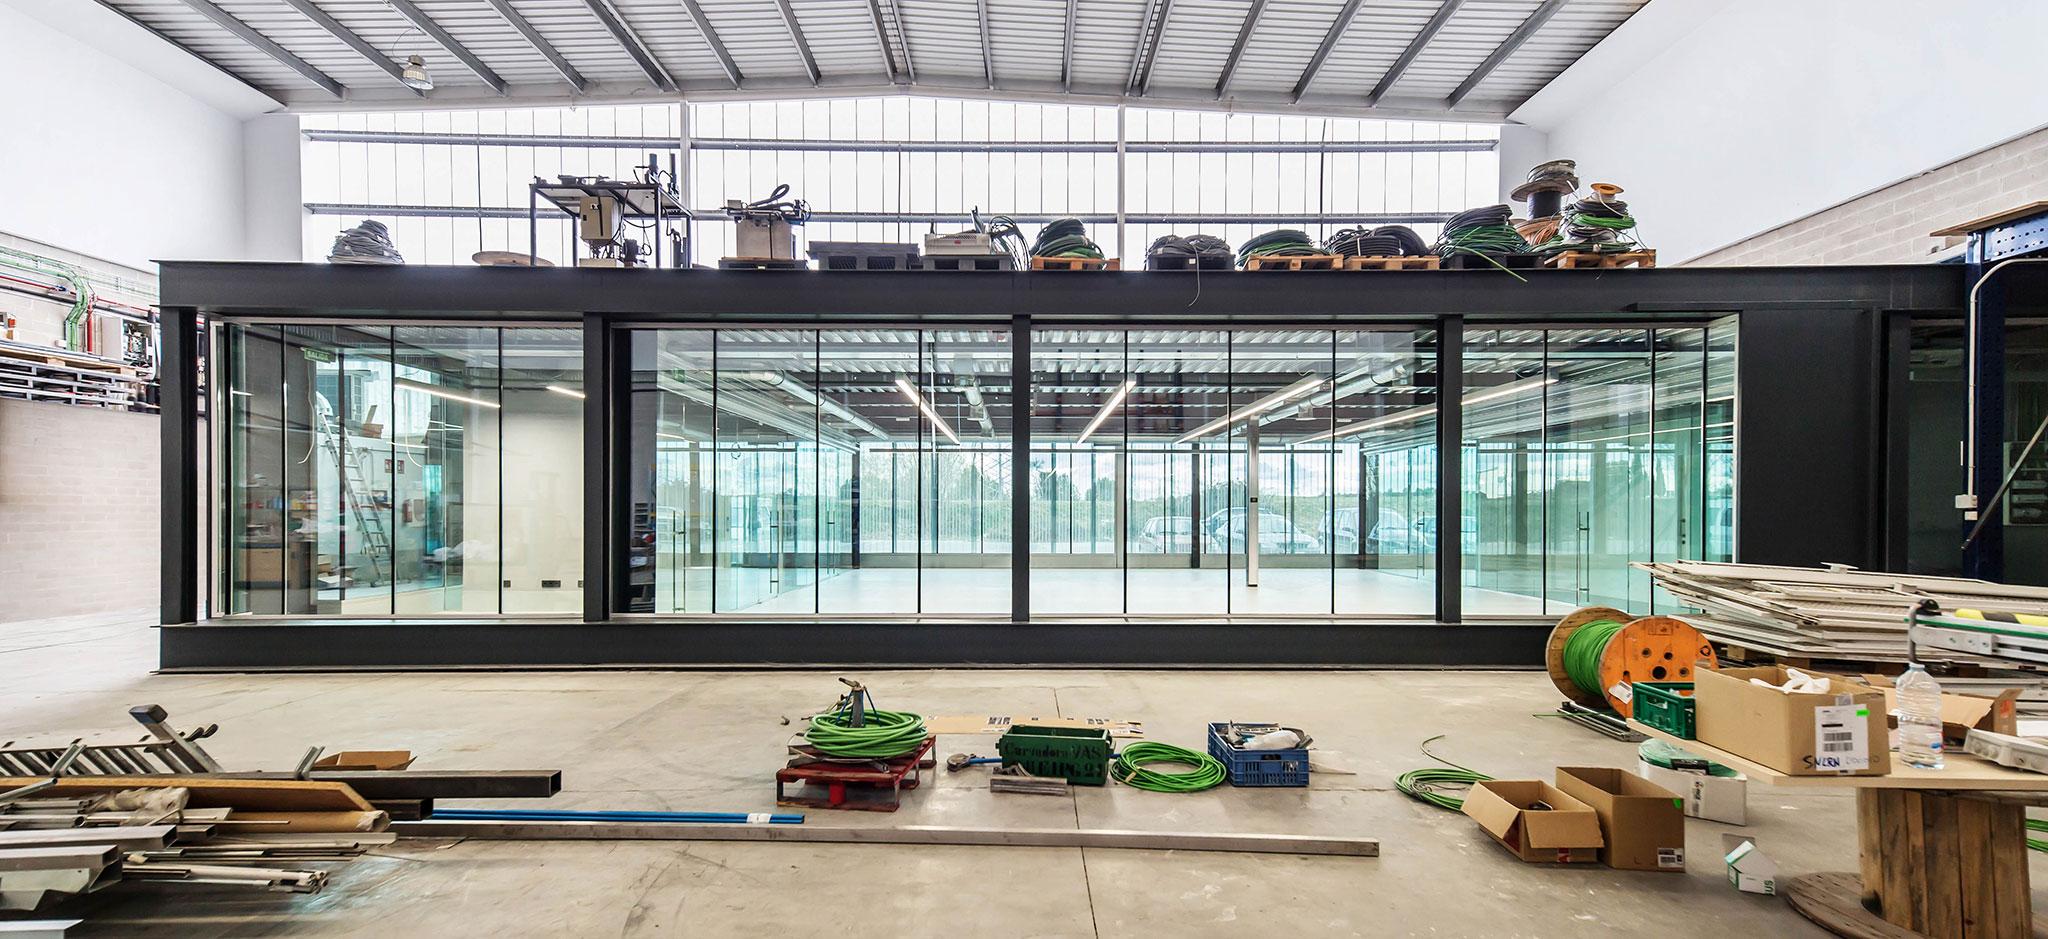 Rehabilitaci n de oficinas industriales por scar miguel for Oficinas industriales